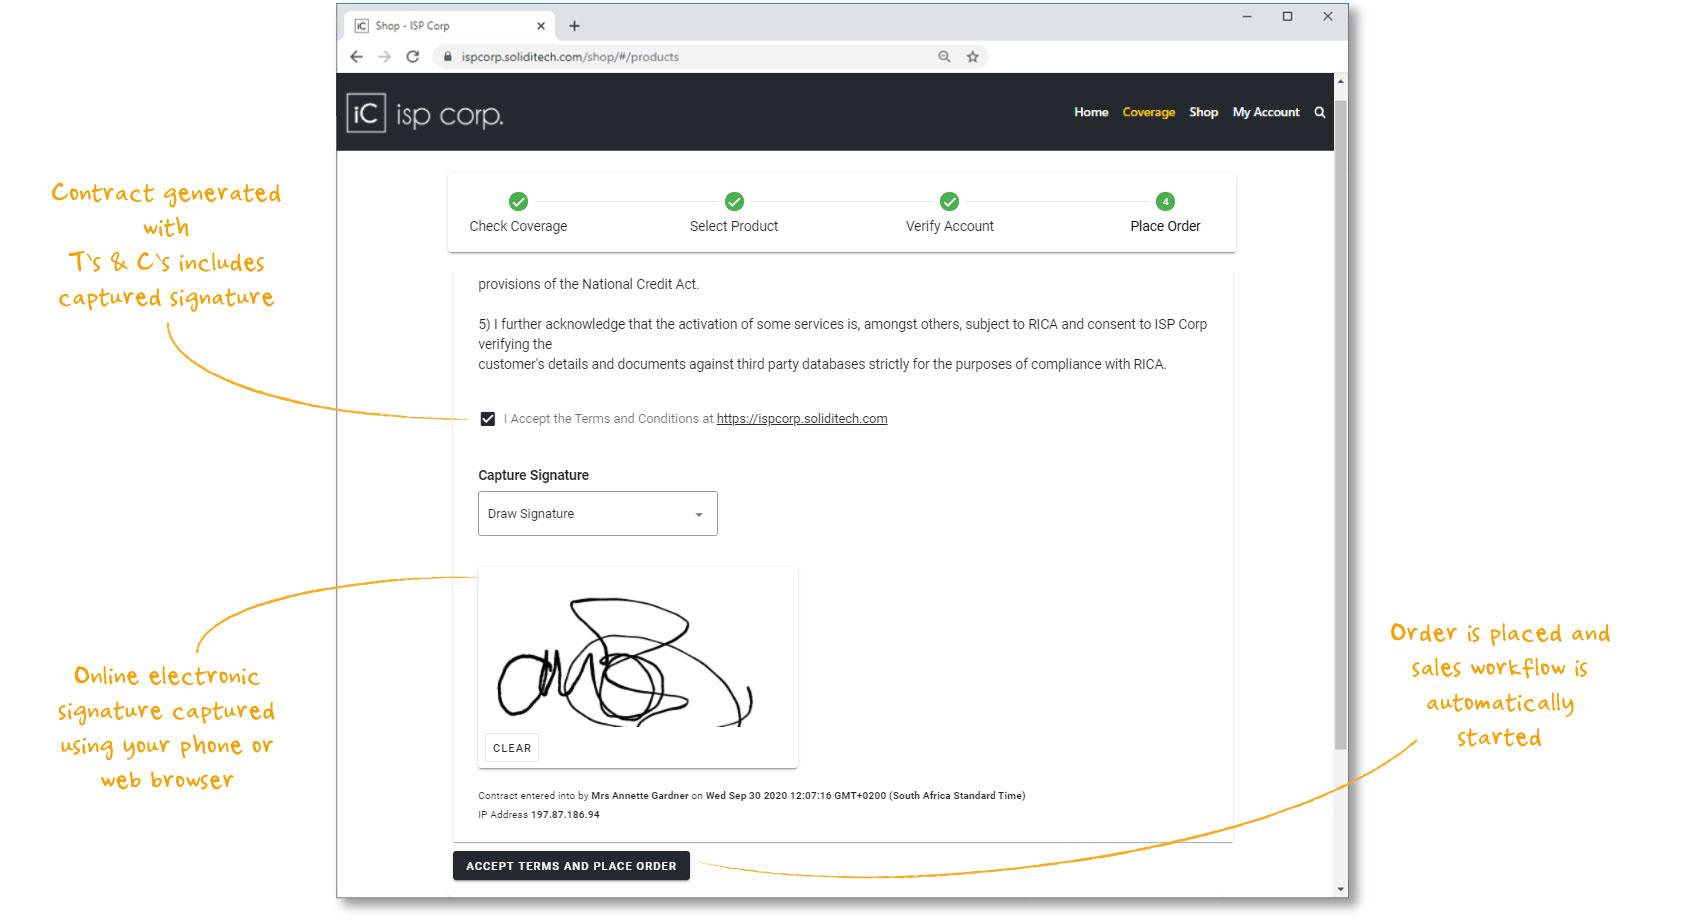 Website signature capture